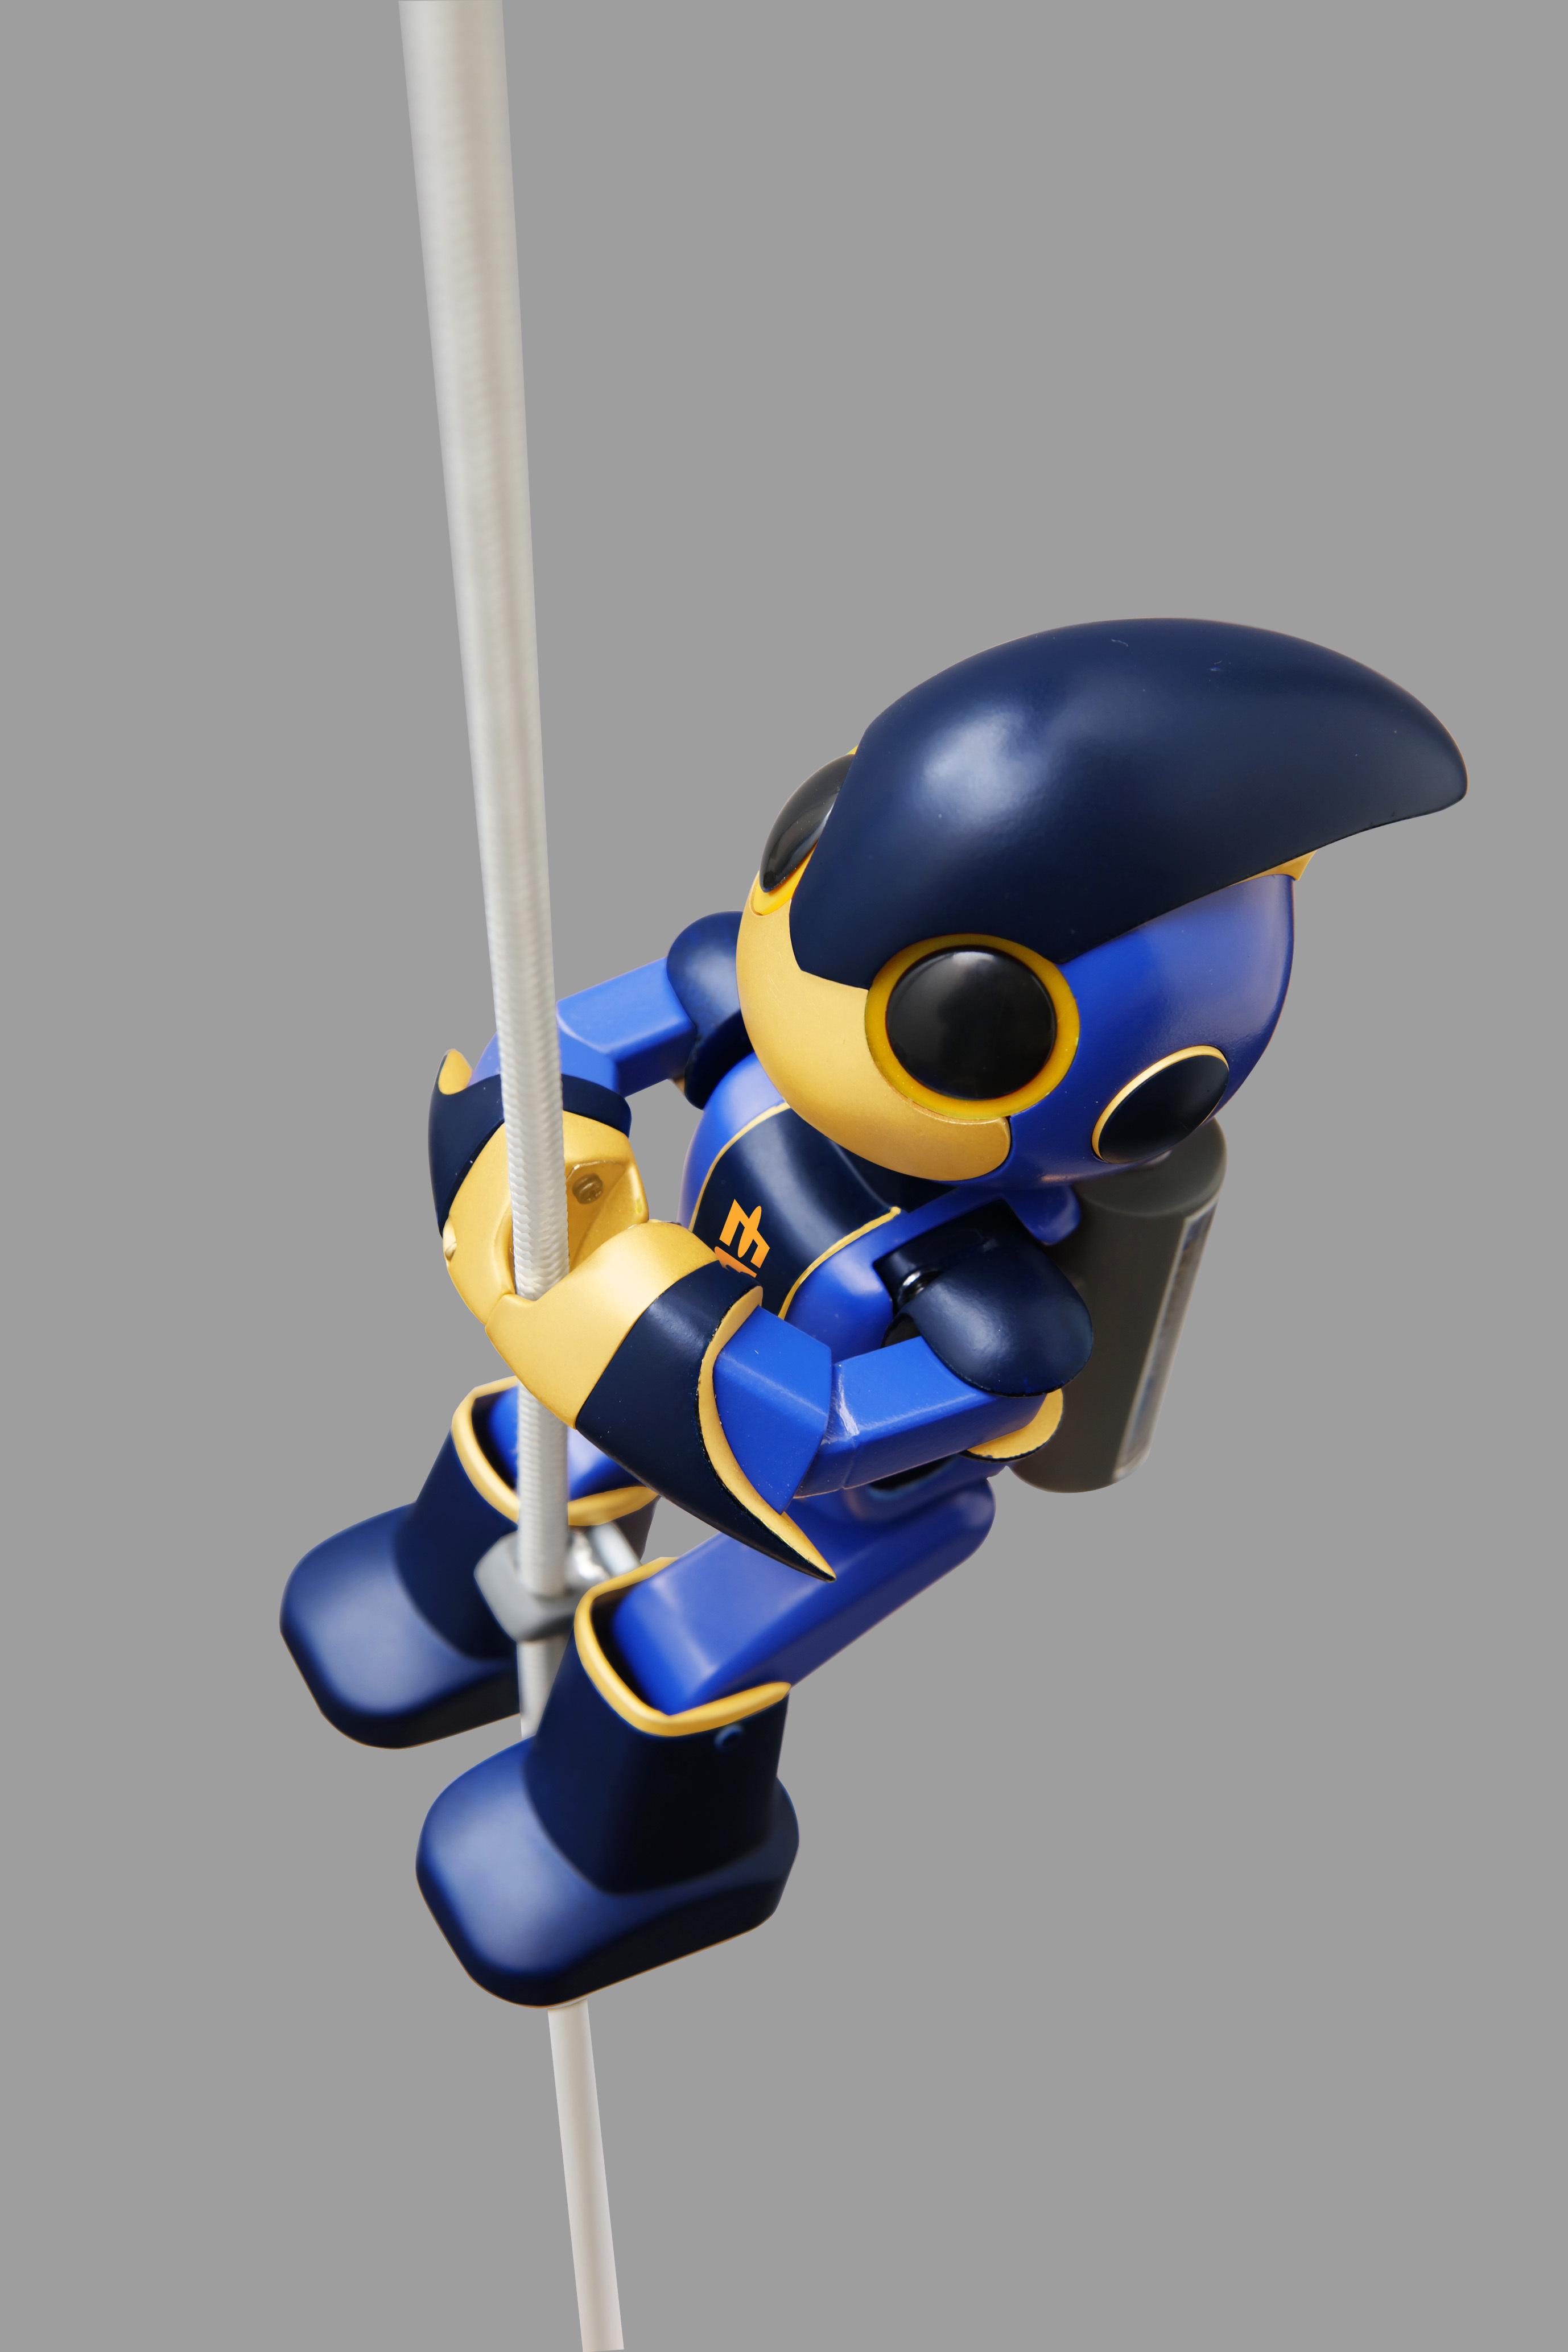 機器人EVOLTA NEO先生(圖片:美國商業資訊)